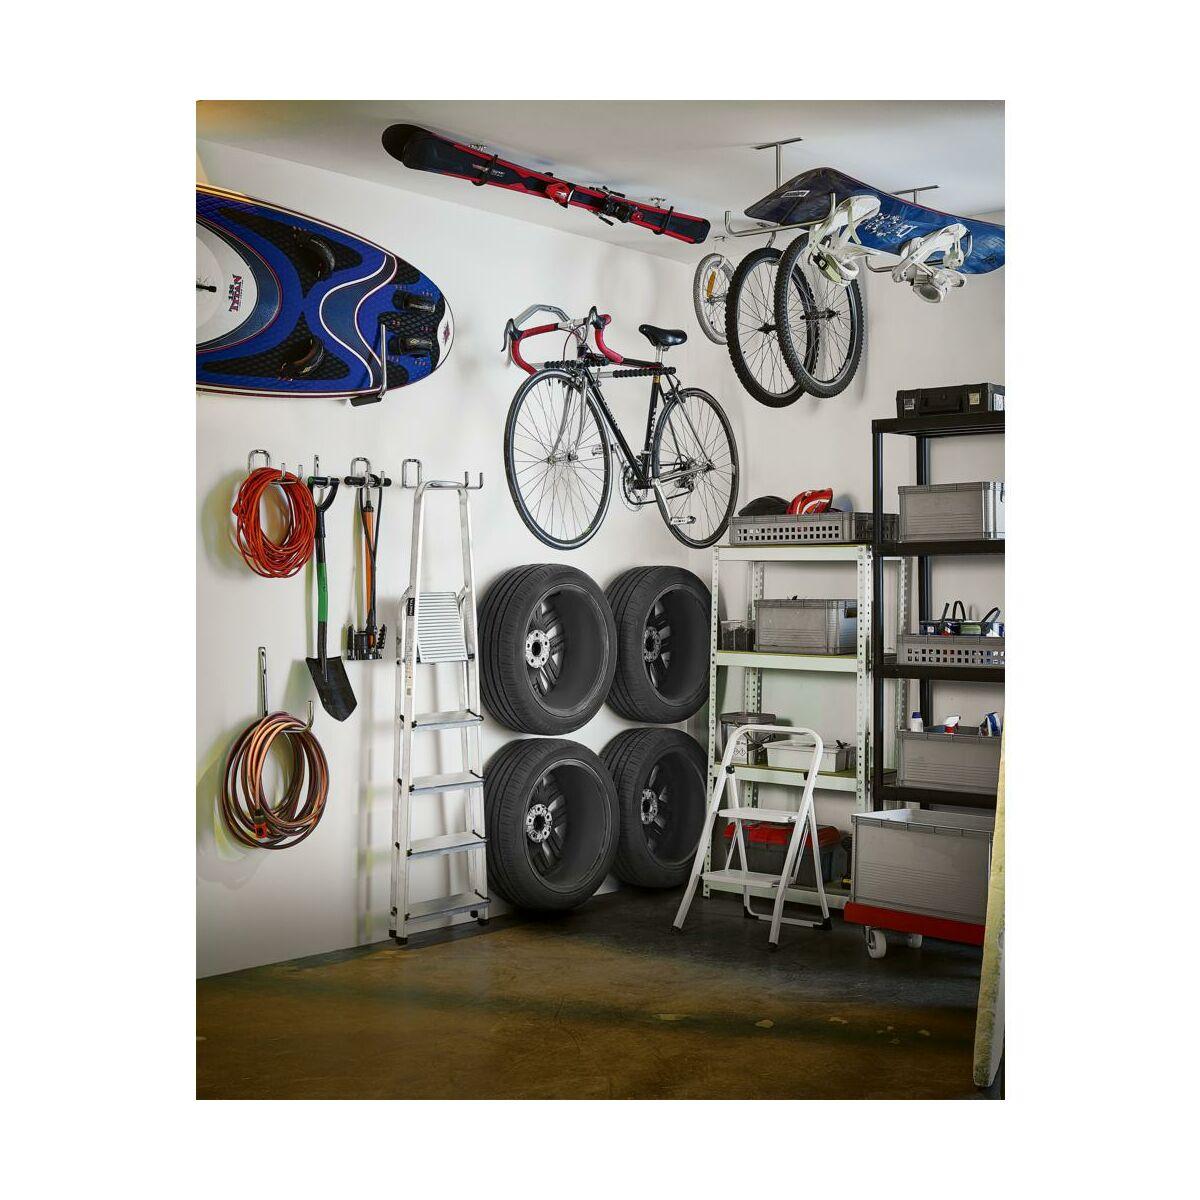 Uchwyt Na Rowery 40 Kg Haki I Organizery Scienne W Atrakcyjnej Cenie W Sklepach Leroy Merlin